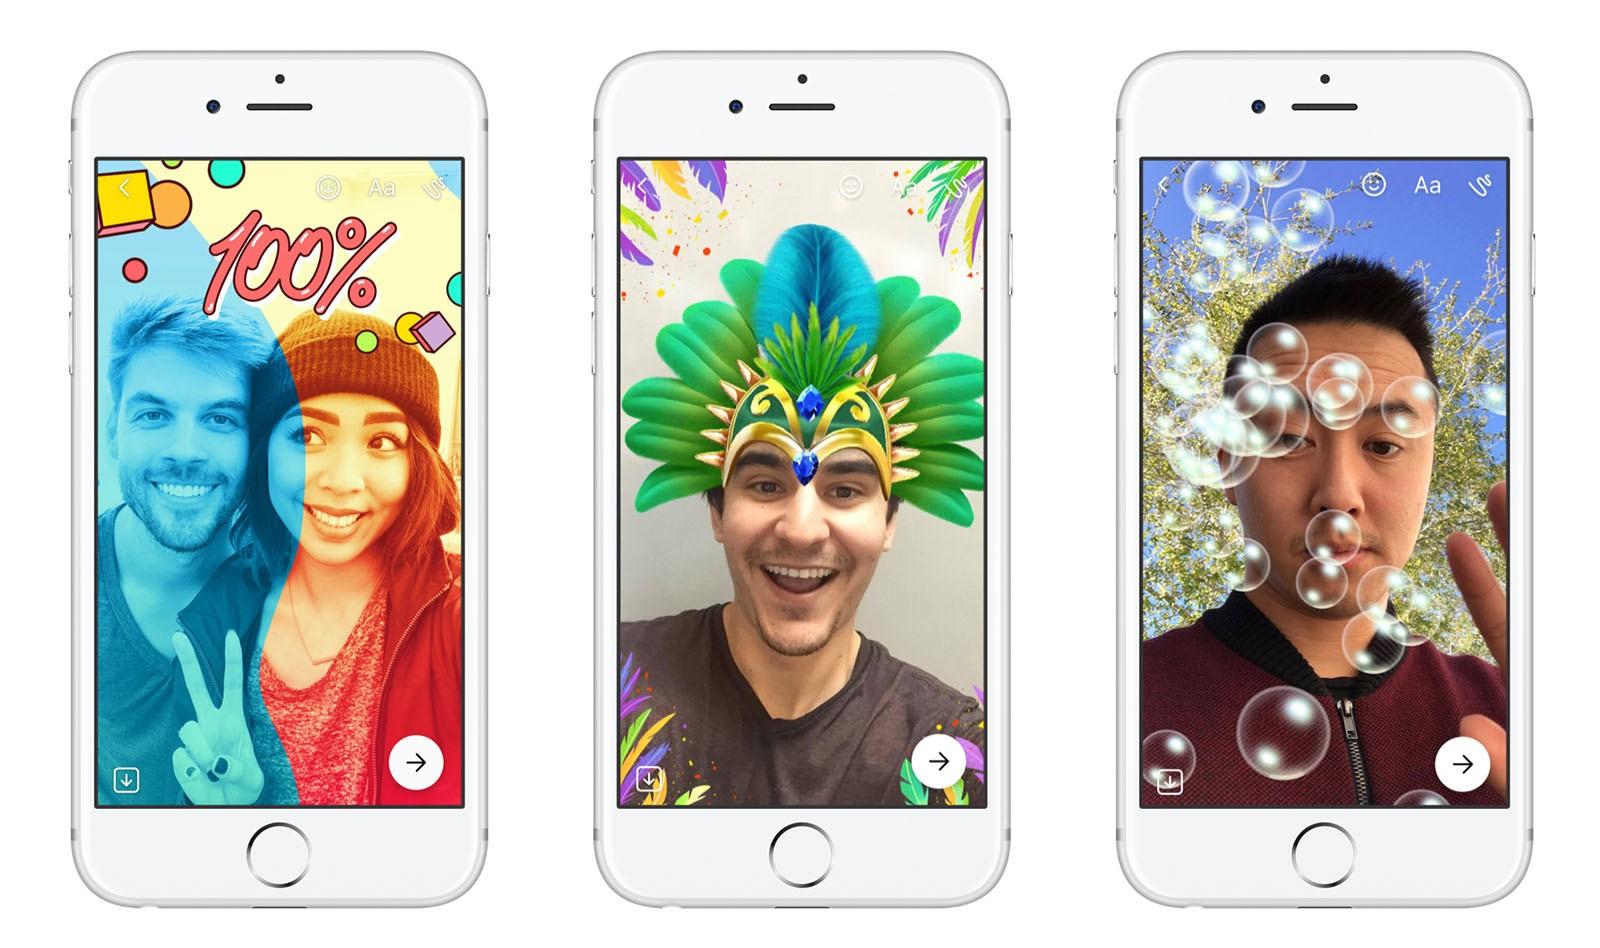 Социальная сеть Facebook  запустила функцию исчезающих фото- ивидеостатусов вMessenger